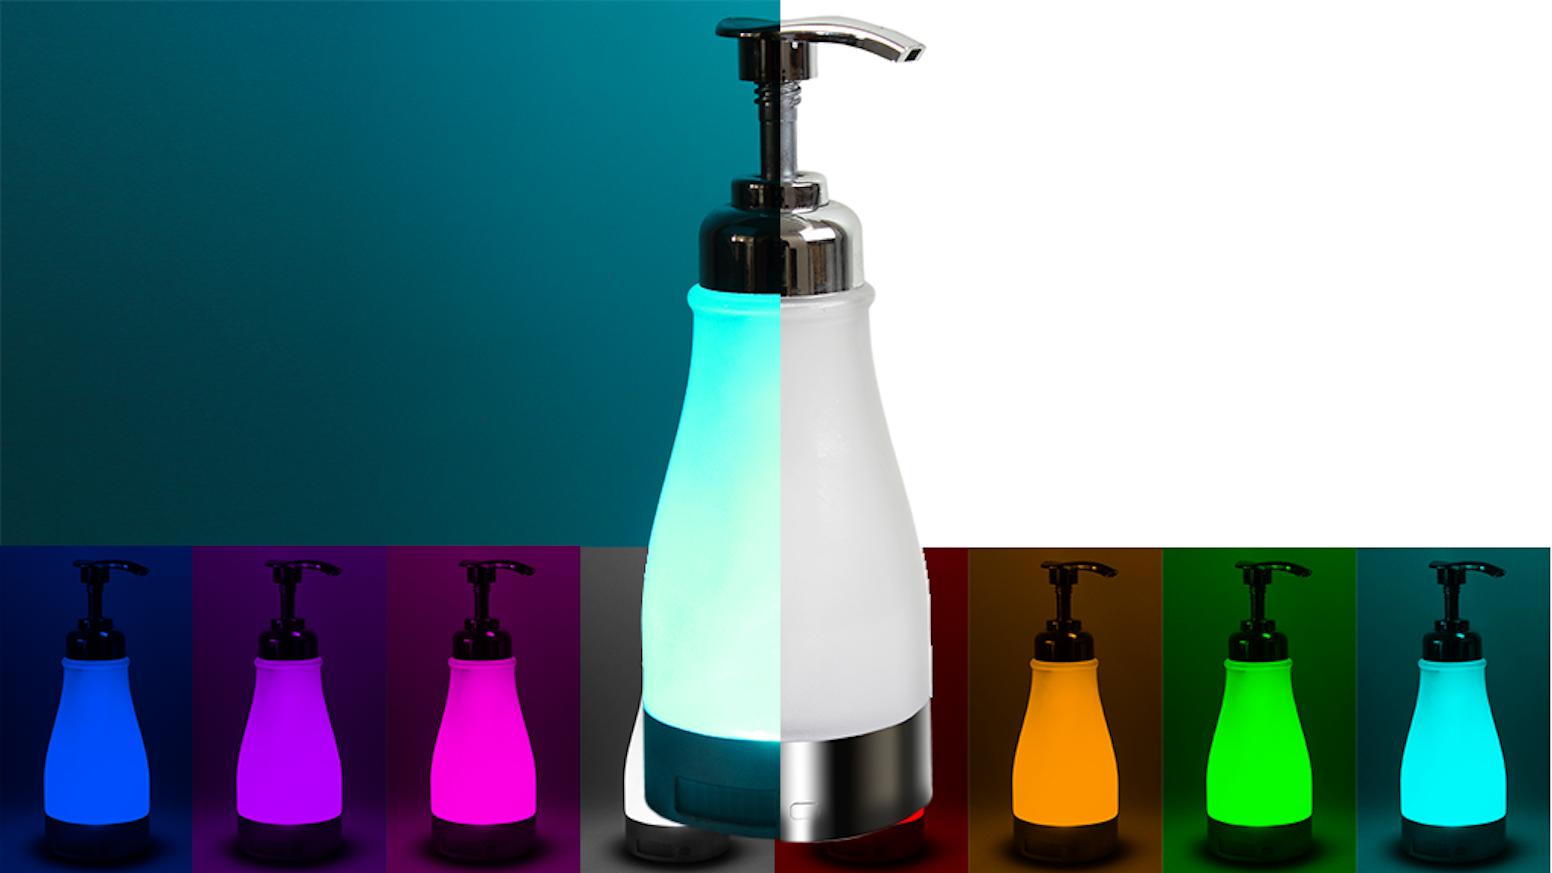 illumiSoap: Night Light Soap Dispenser (by illumiBowl) by illumiSoap ...